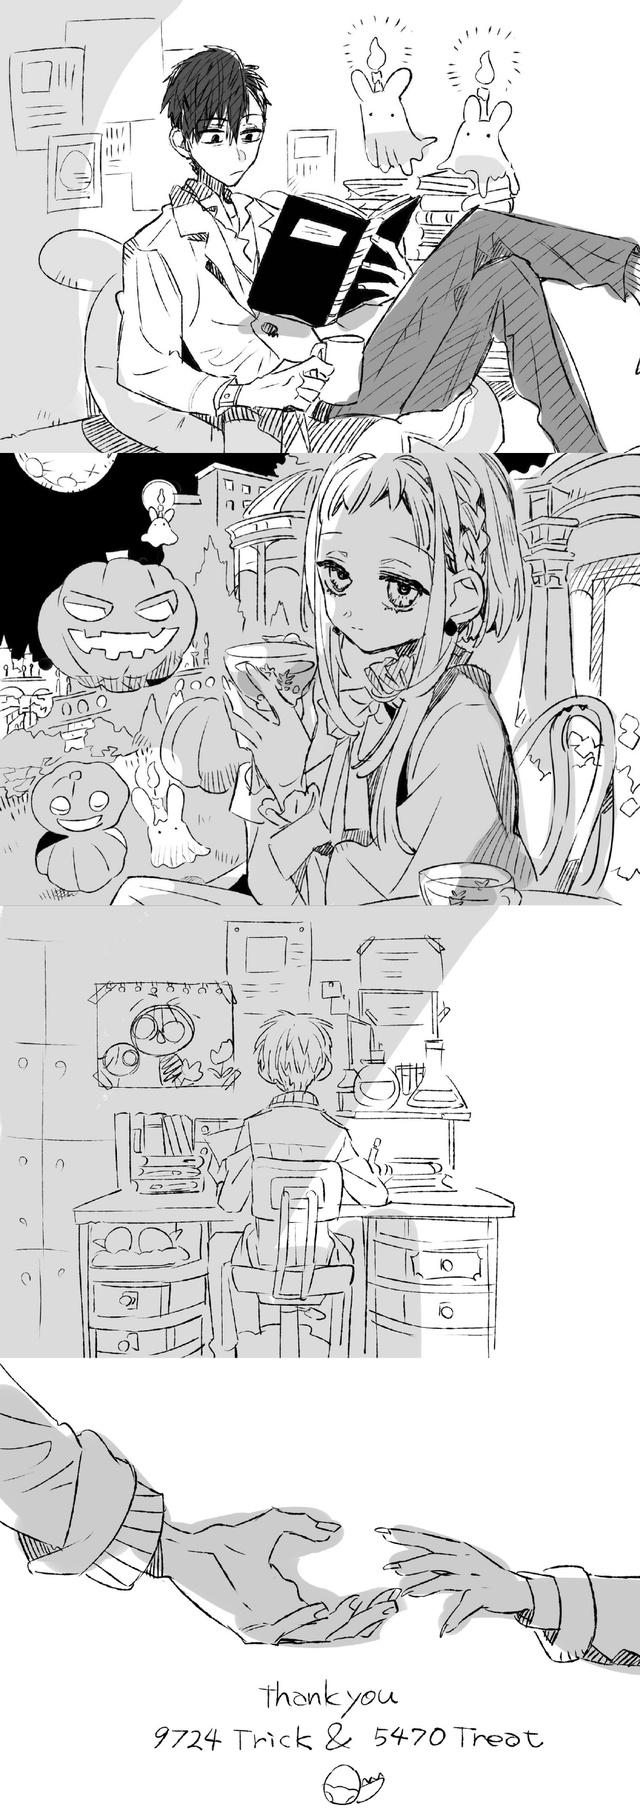 「地缚少年花子君」作者最新企划「かもめモンスター保育園」宣布完结,最新绘图公开